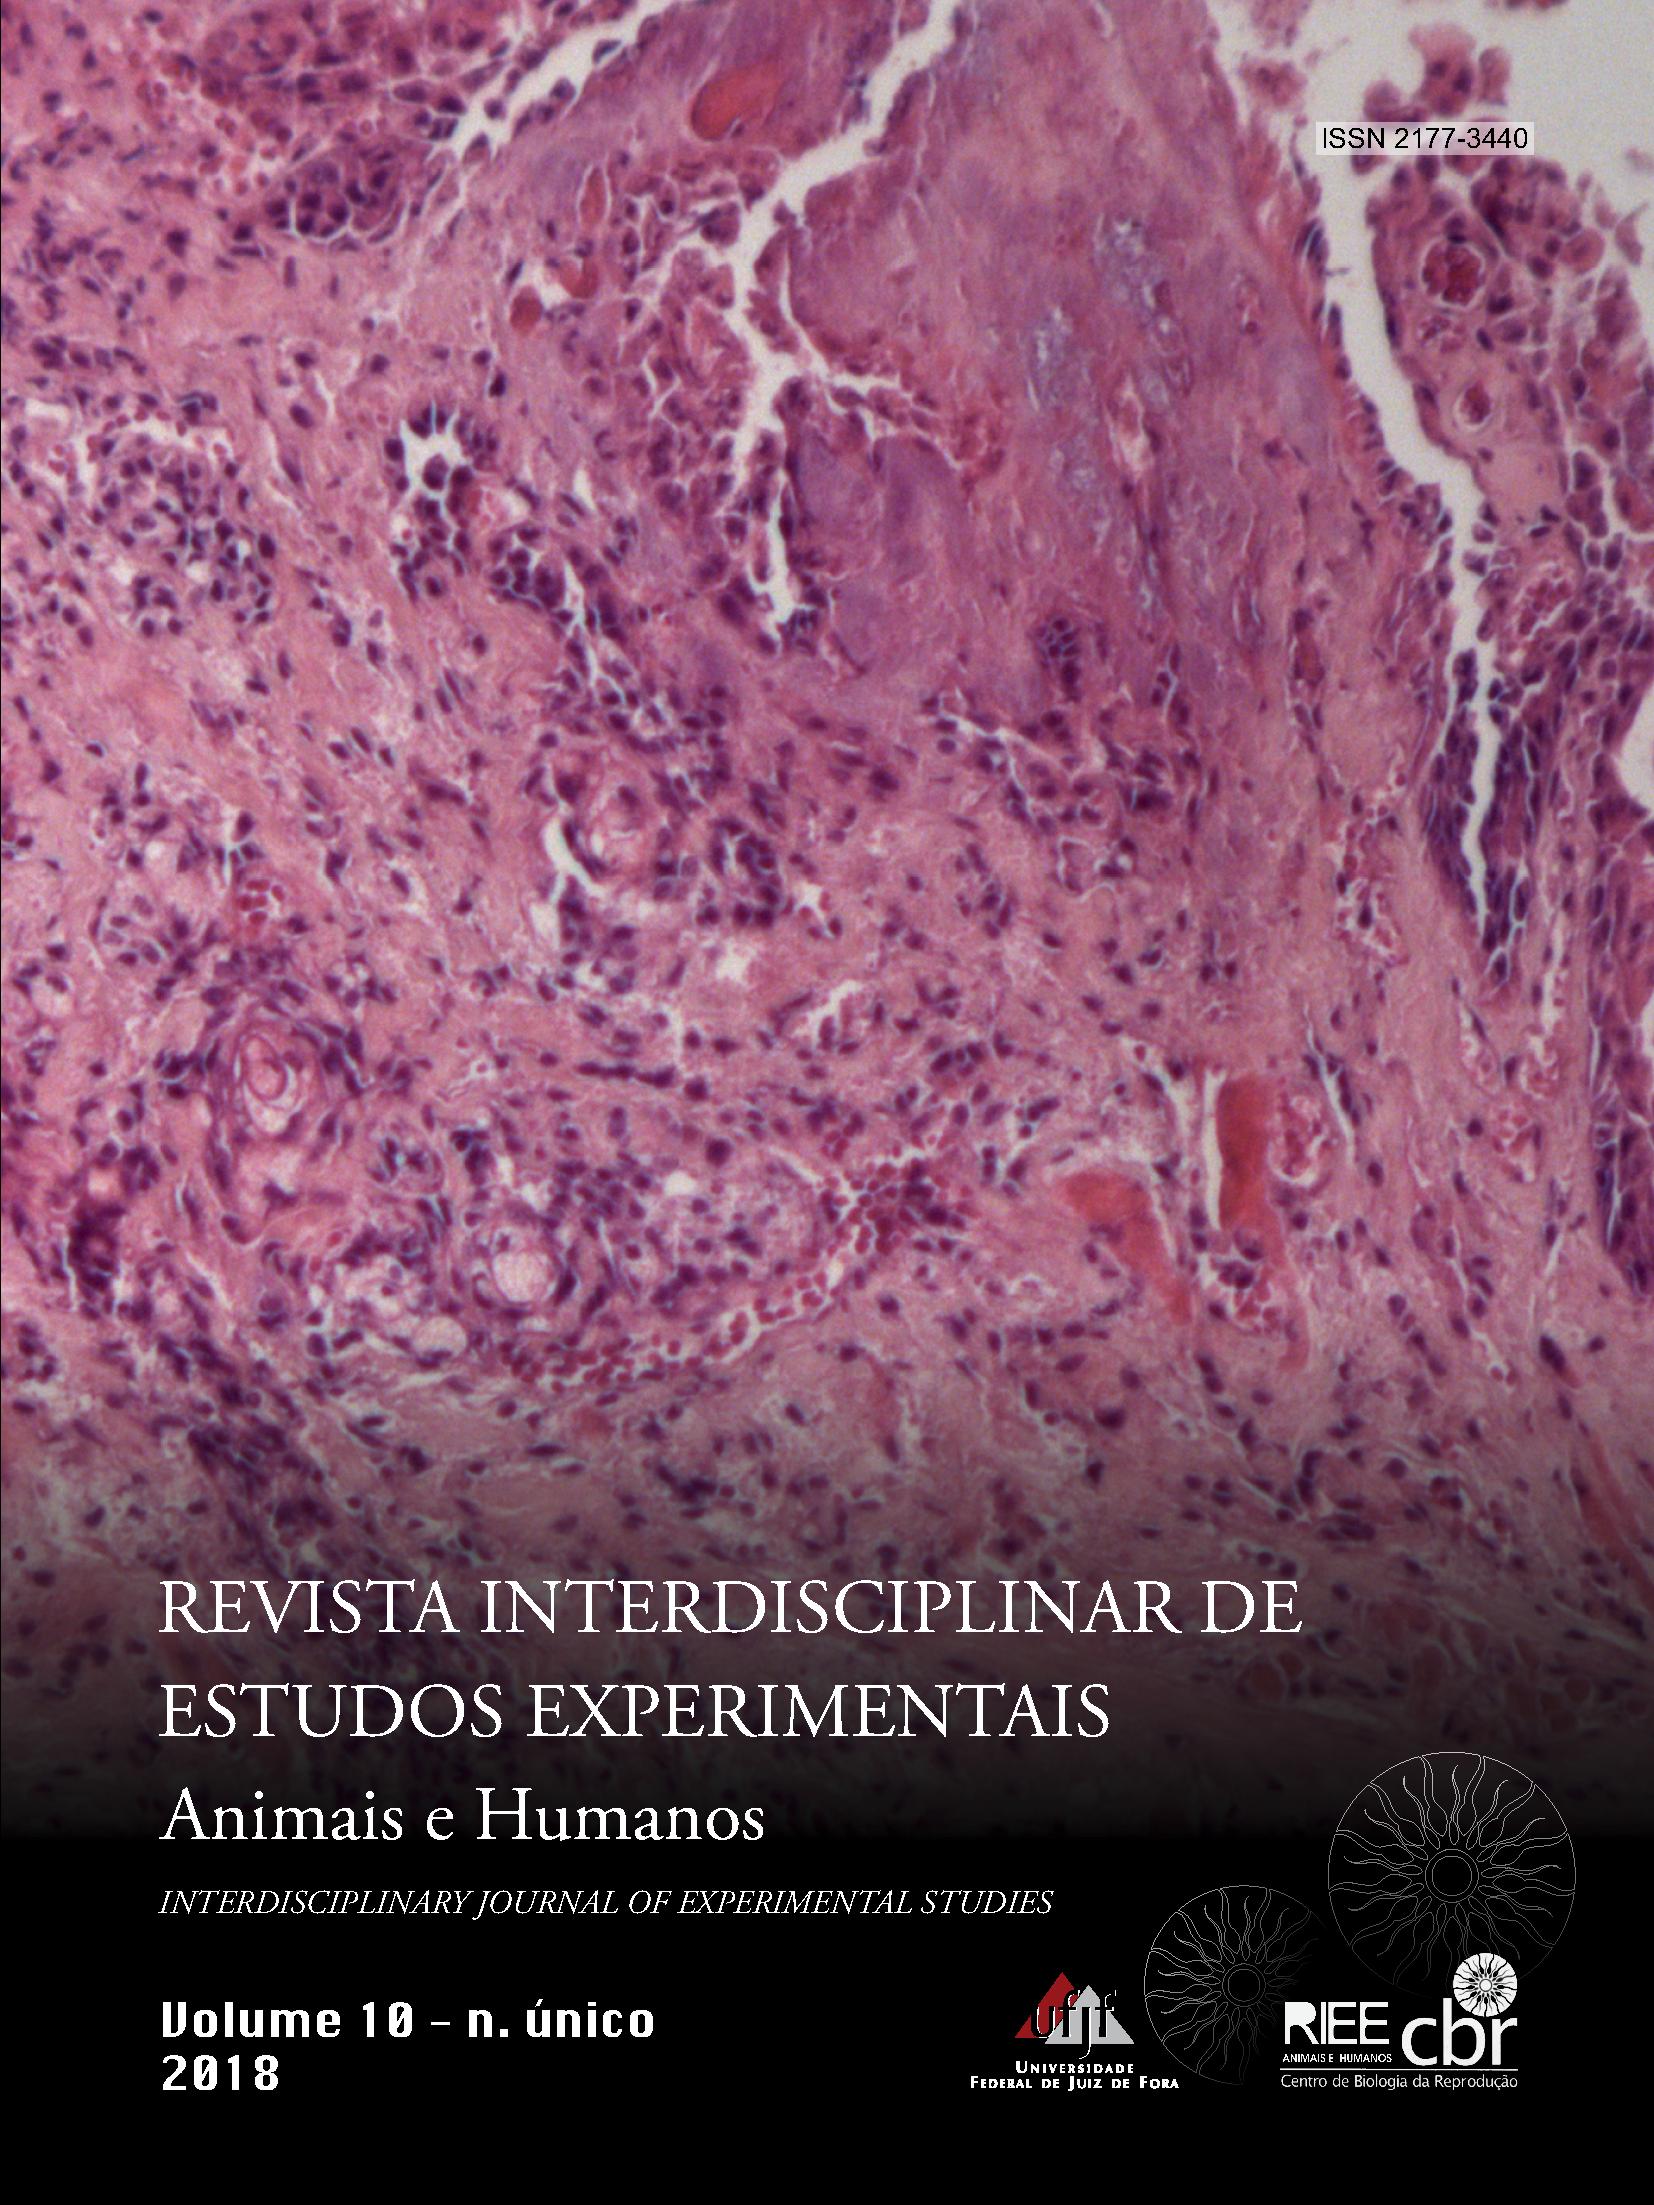 Visualizar v. 10 n. Único (2018): Revista Interdisciplinar de Estudos Experimentais -  Animais e Humanos